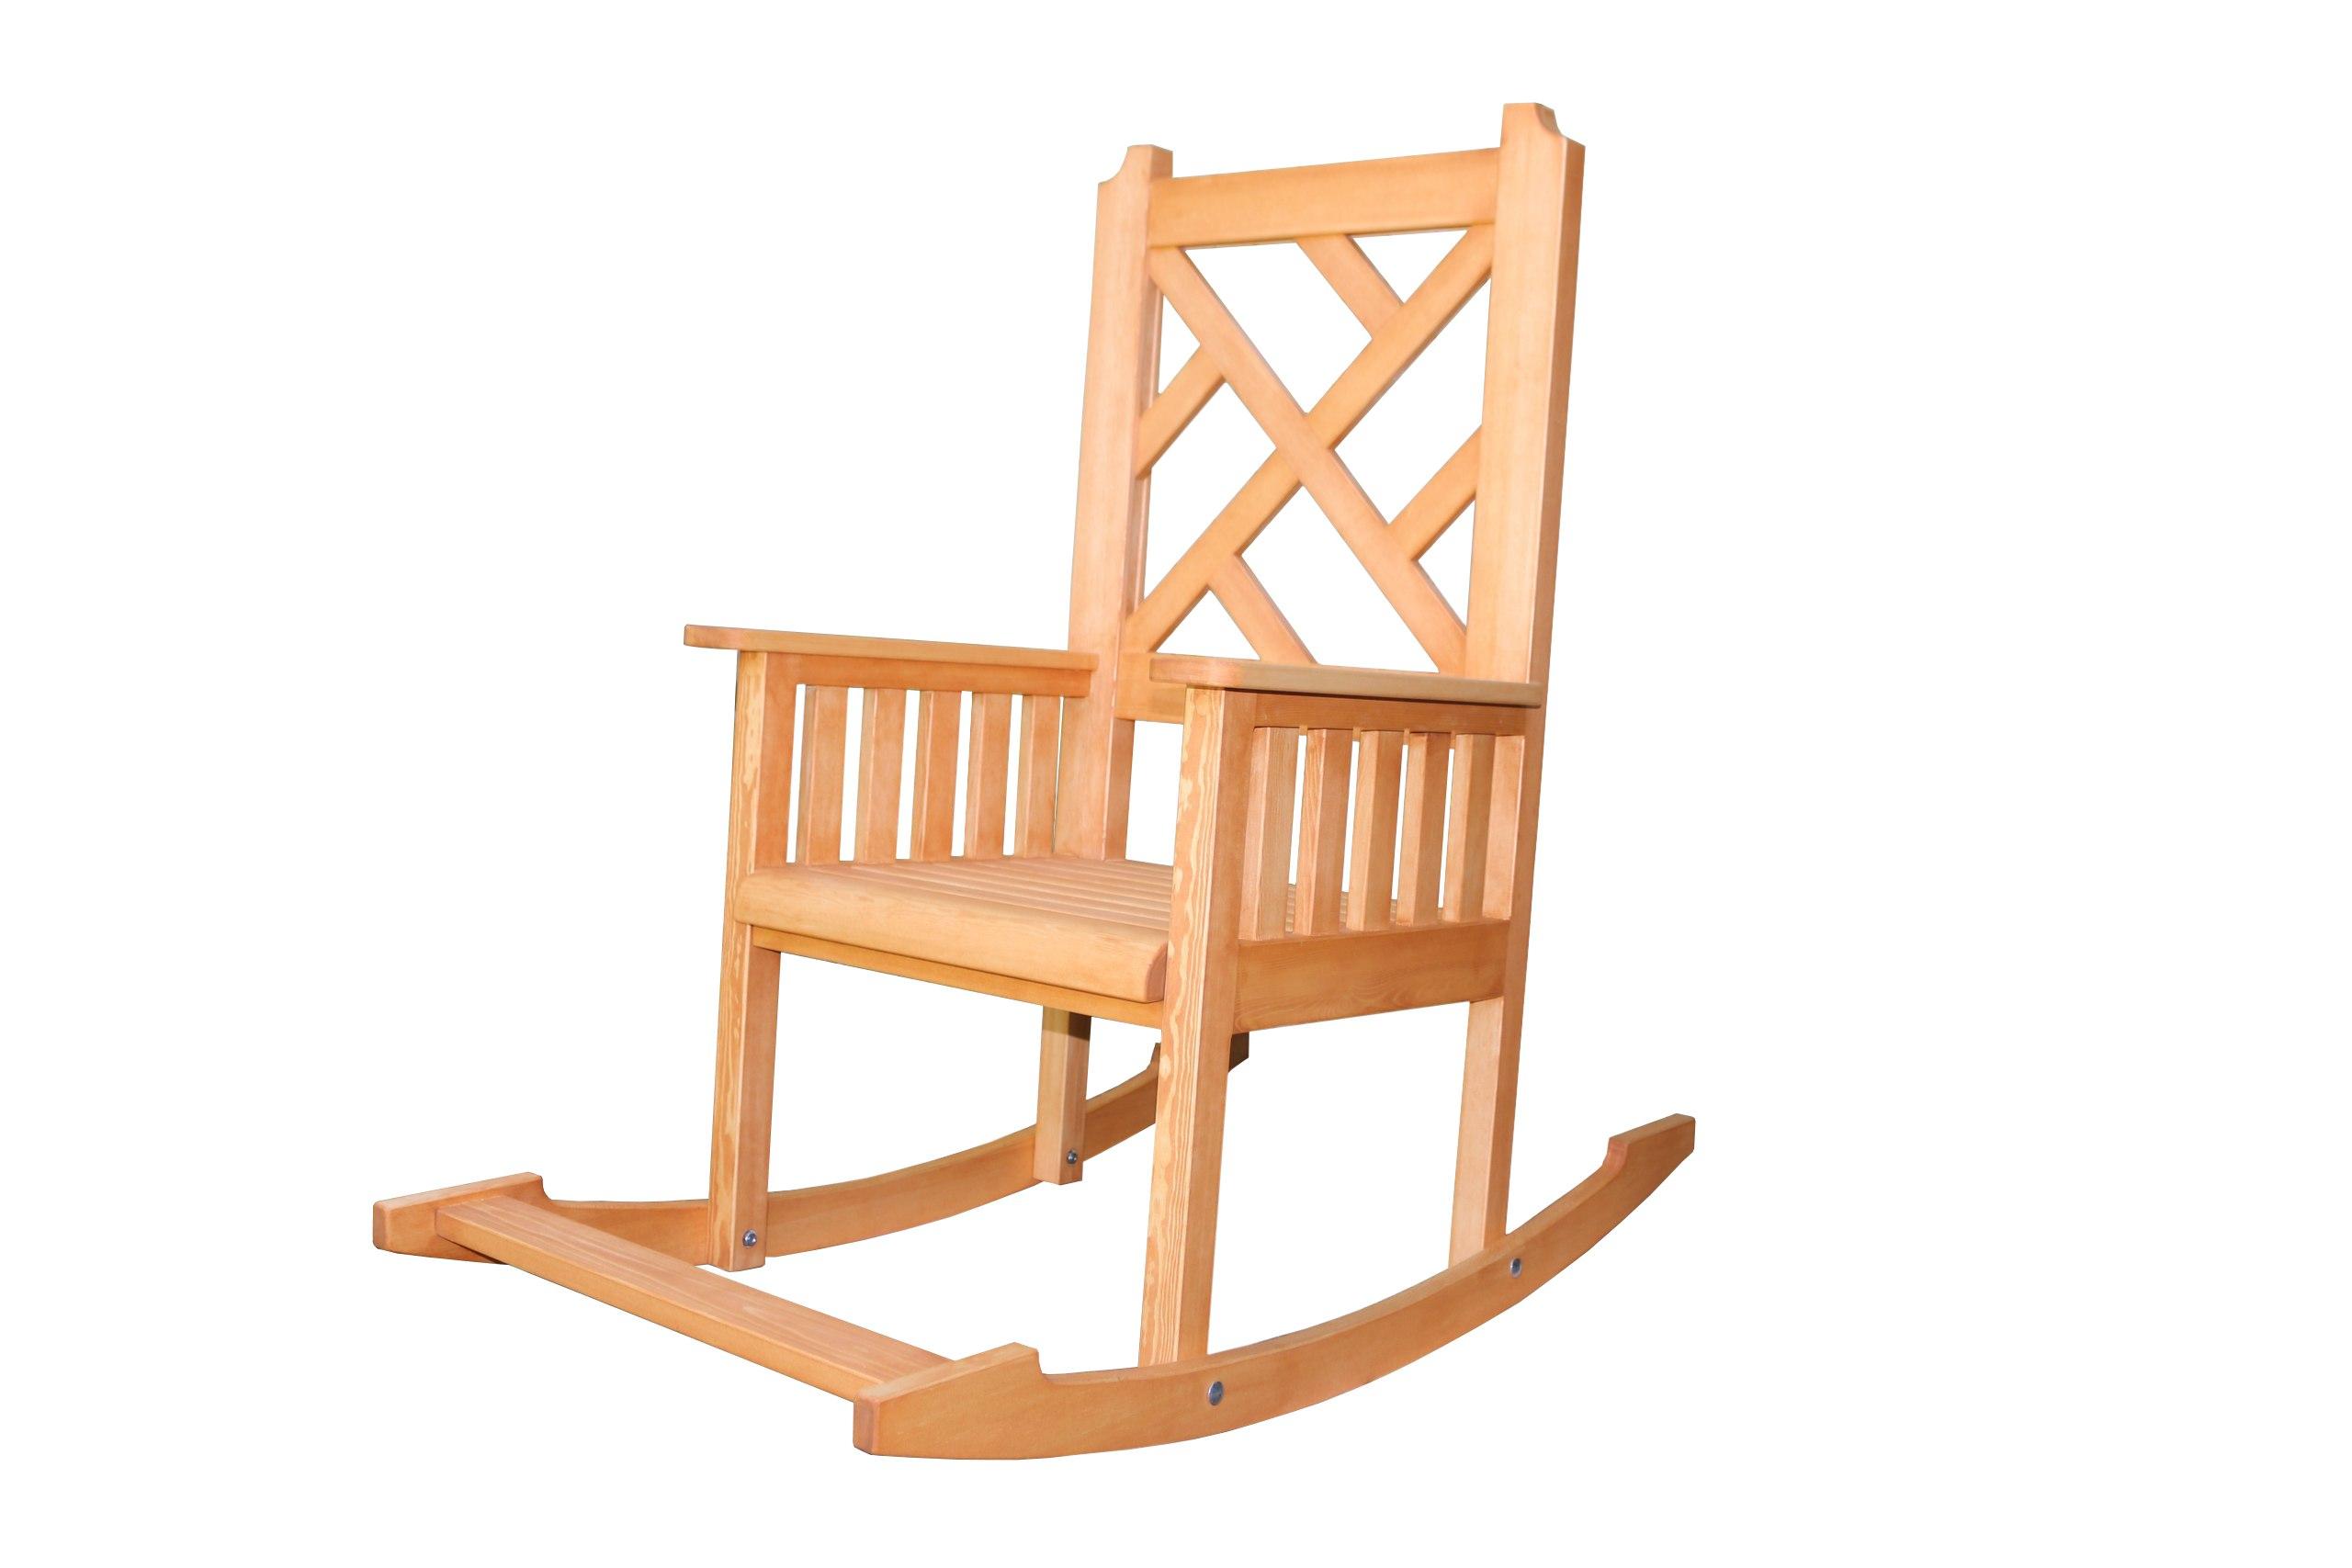 Подвесное кресло SofaSwing 15429521 от thefurnish